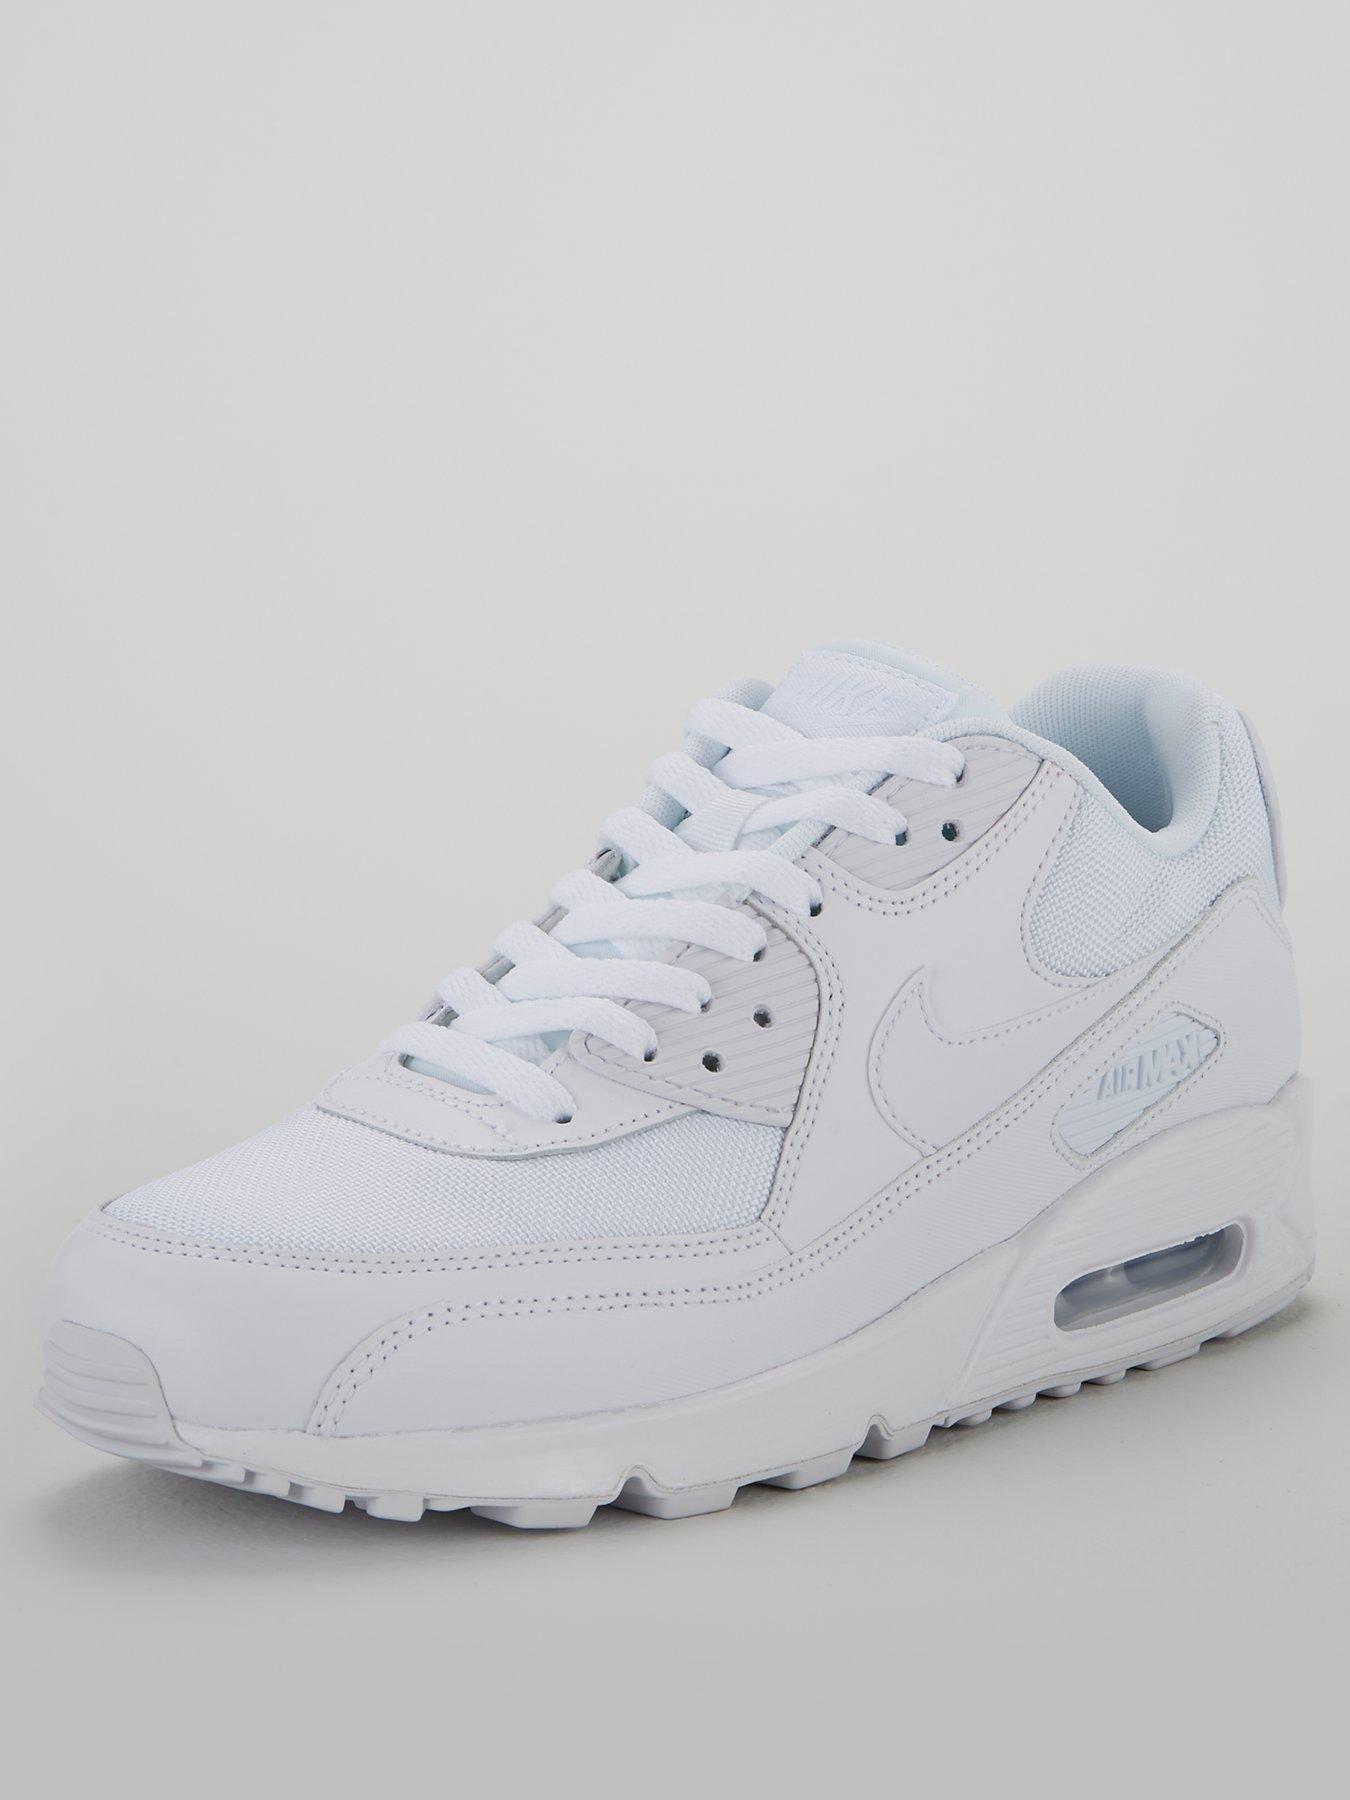 Air Max 90 Essential White